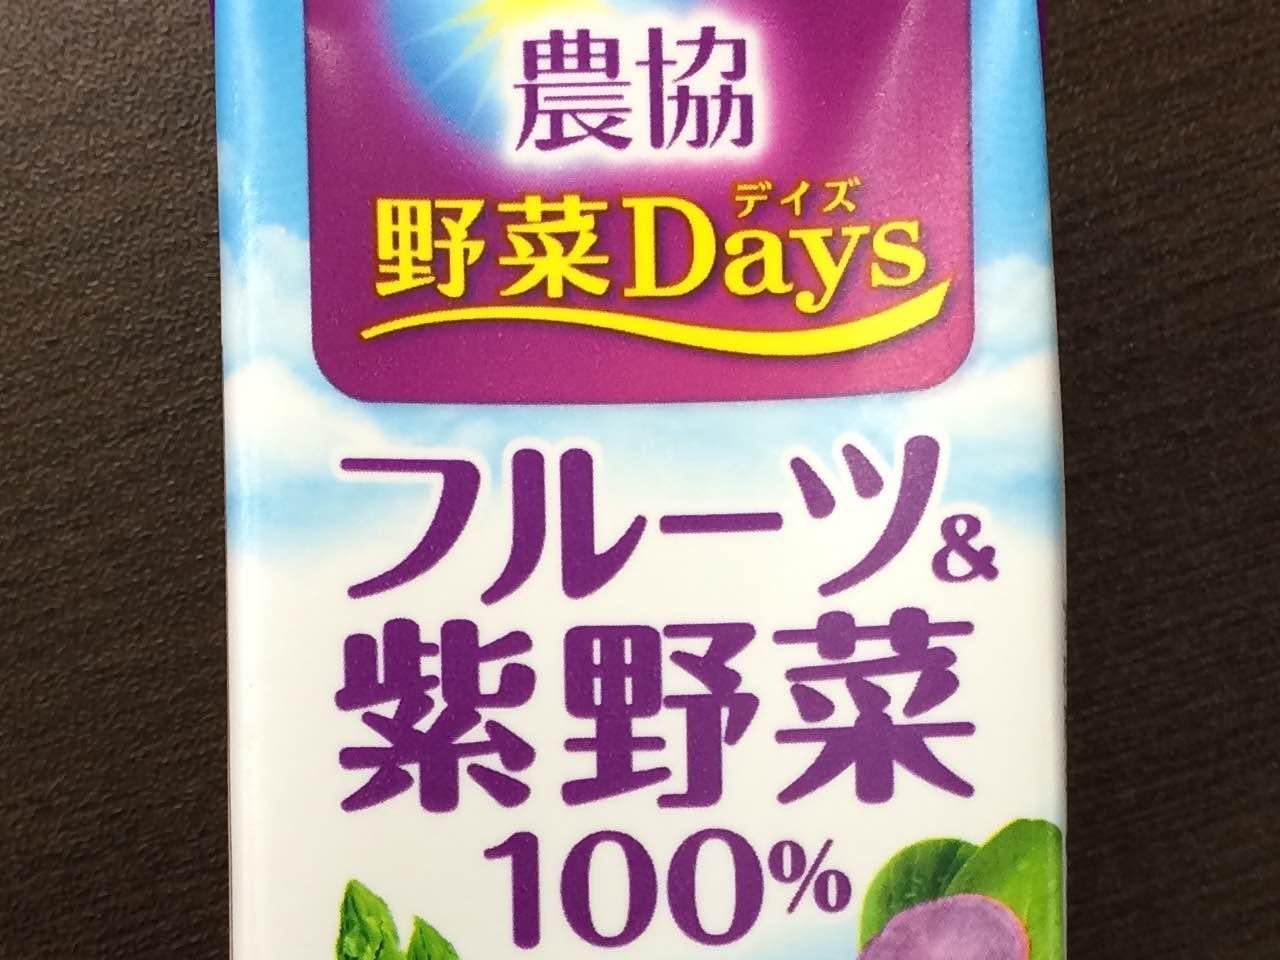 農協 野菜Days フルーツ&紫野菜100%